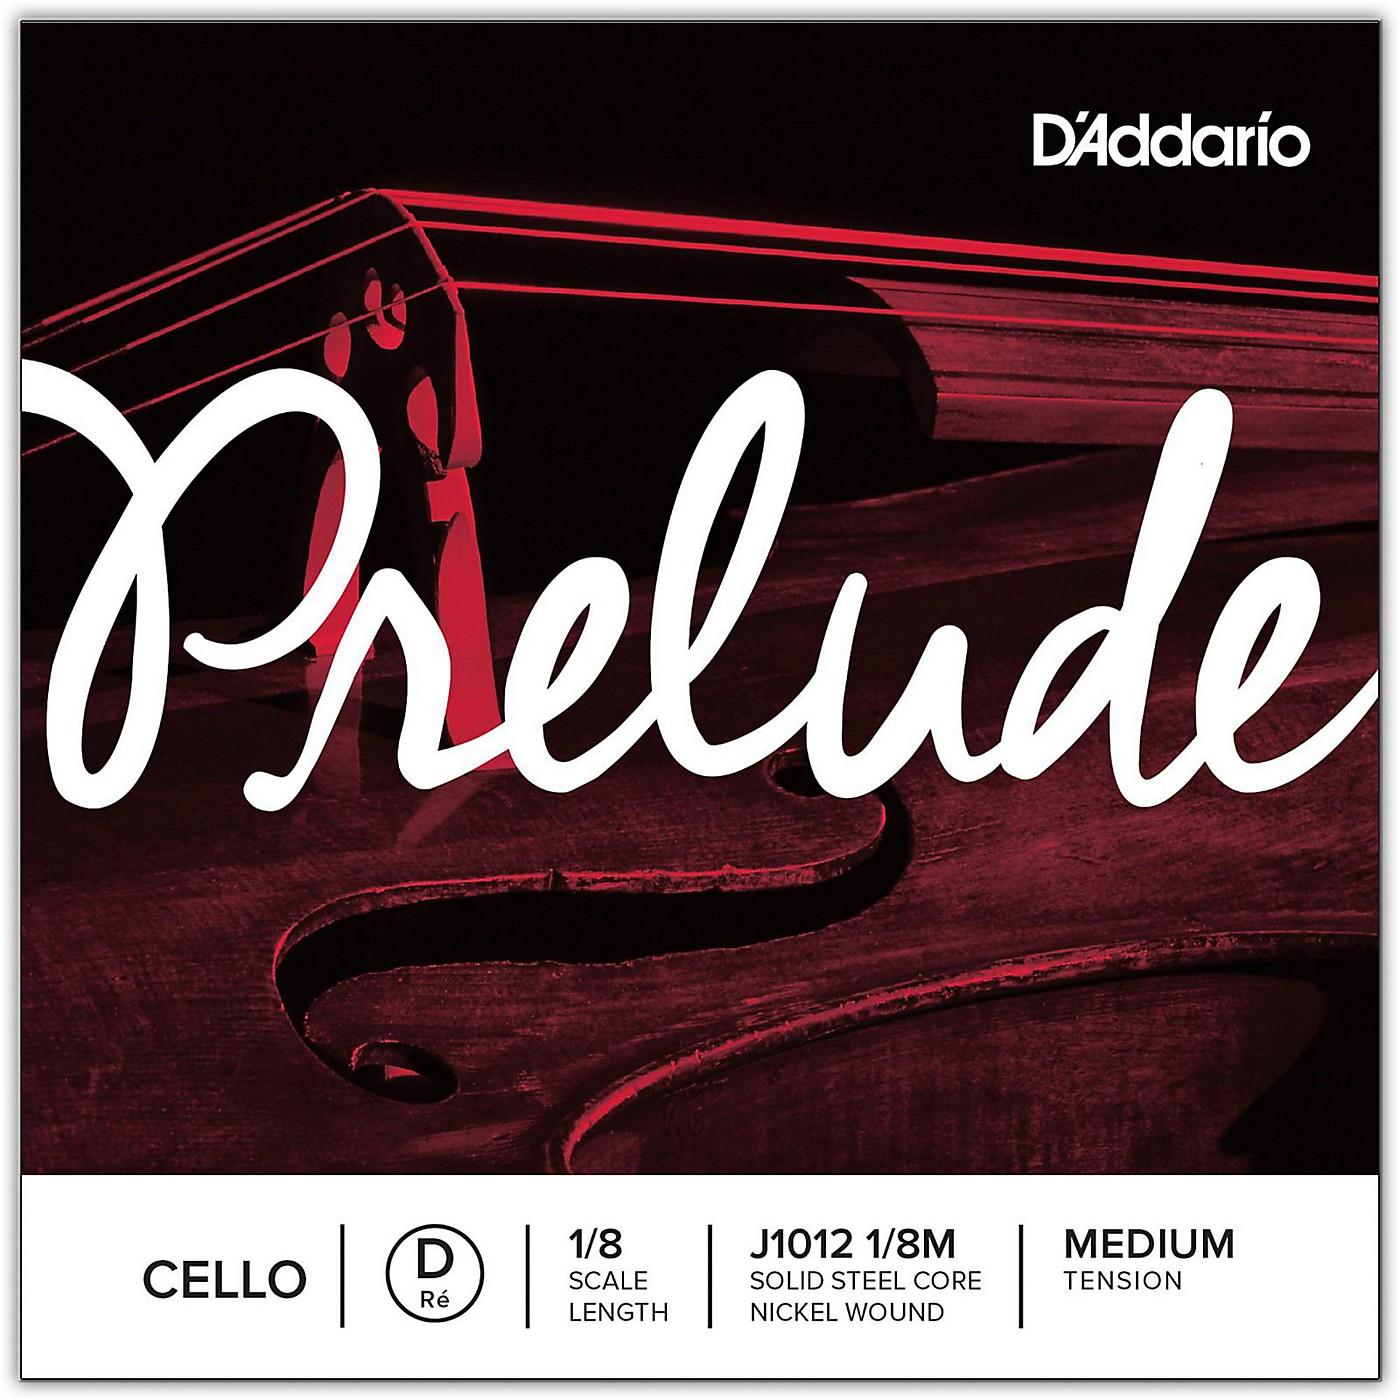 D'Addario Prelude Cello D String thumbnail